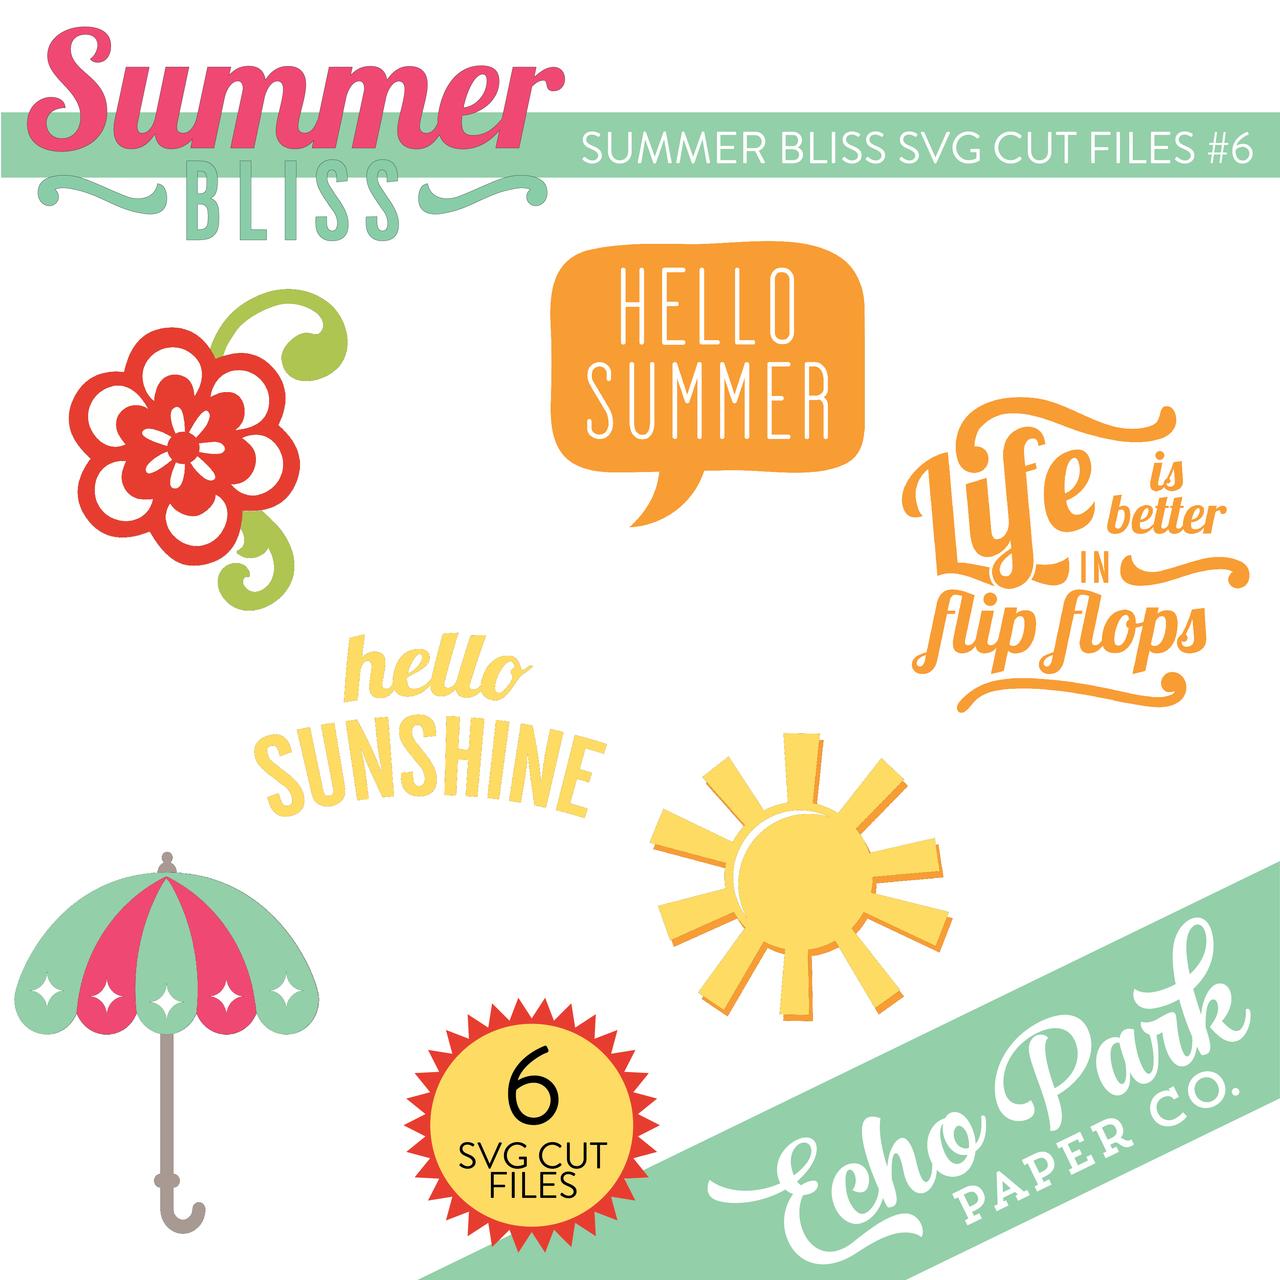 Summer Bliss SVG Cut Files #6